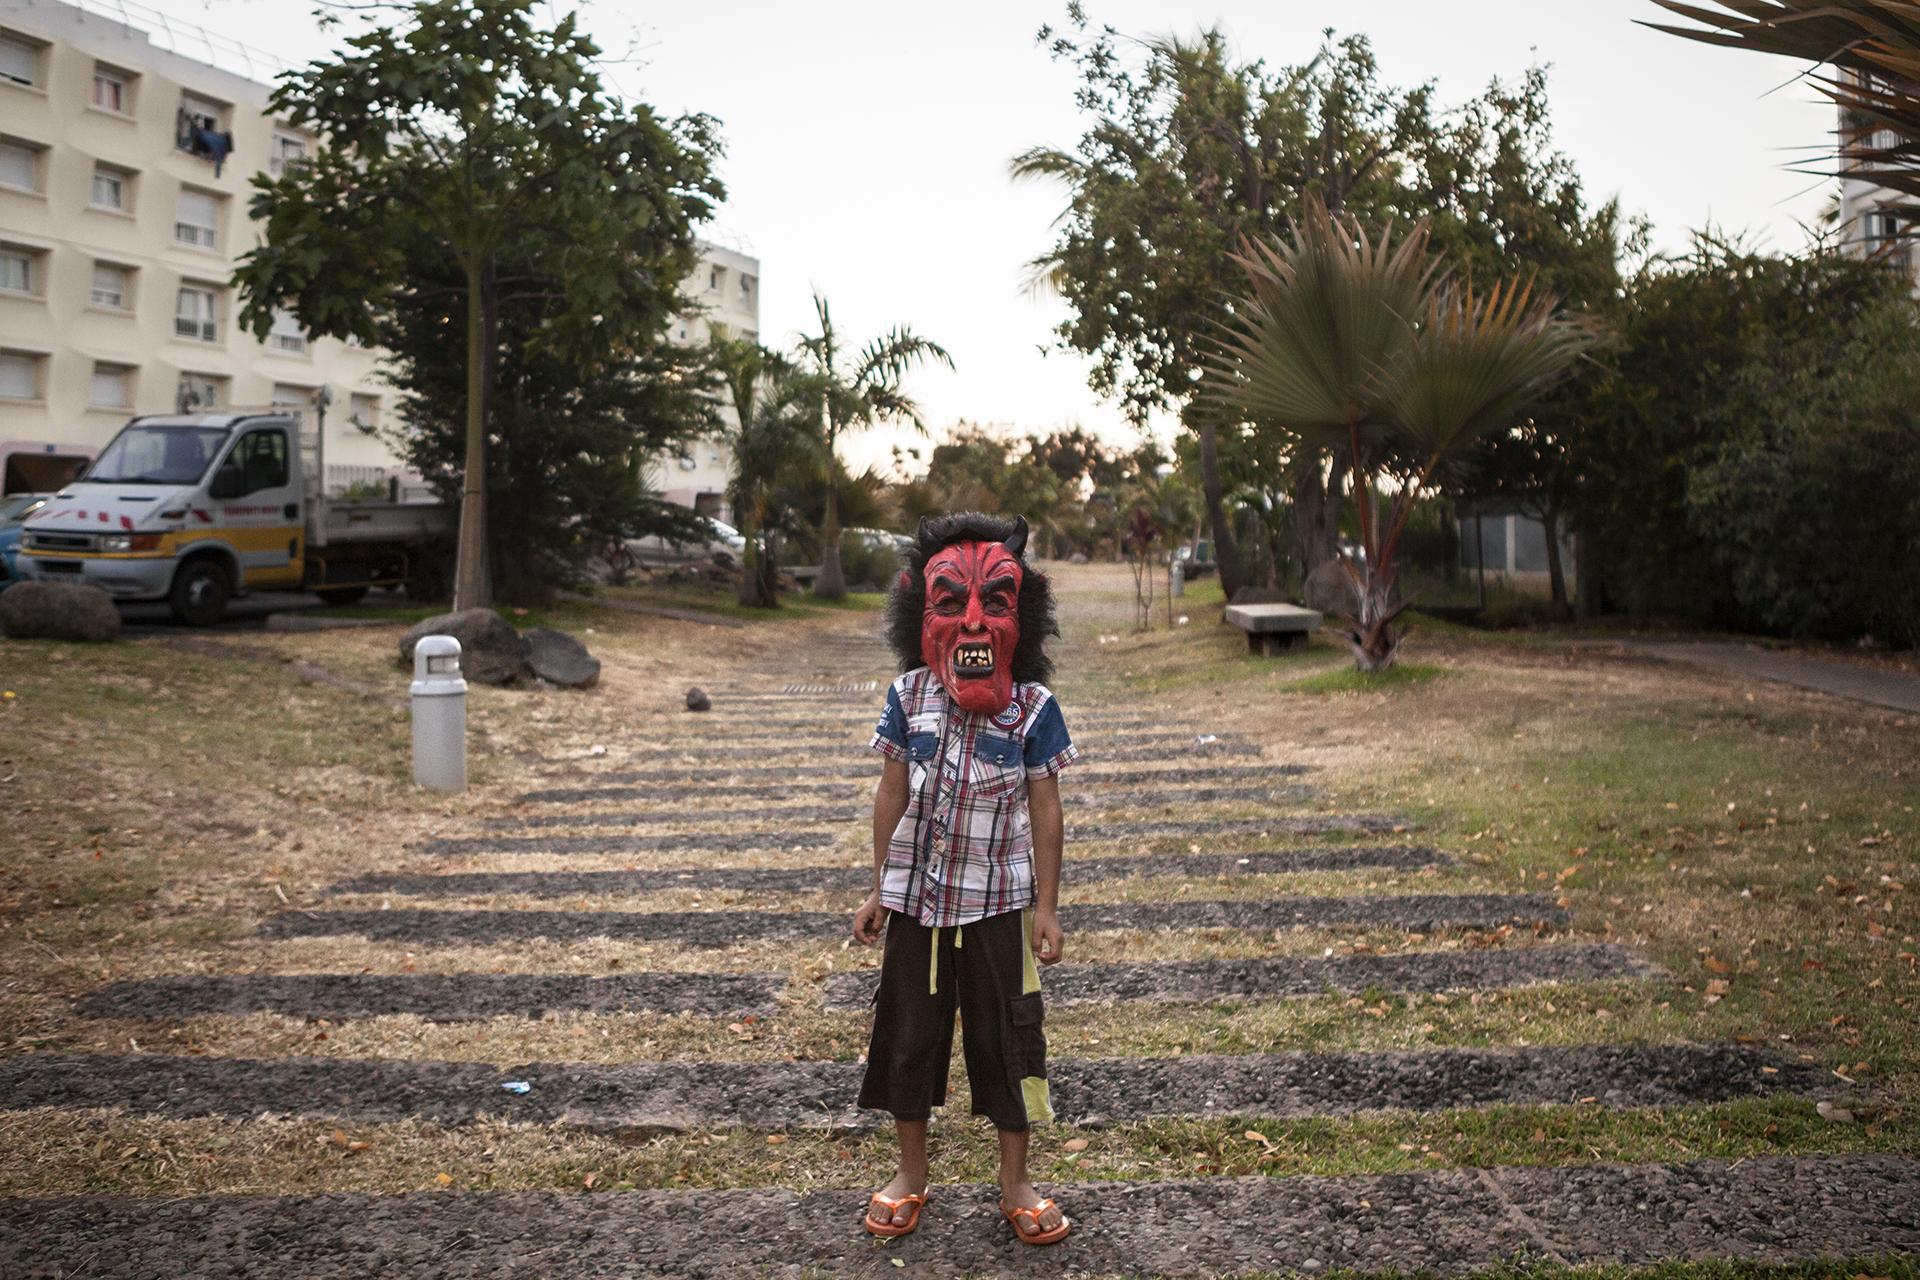 Fin d'après-midi dans un des quartiers de la ville. Un jeune s'amuse en bas de son immeuble avec un masque. La population portoise est à l'image de la population réunionnaise, elle augmente rapidement chaque année. Plus de 10 000 personnes par an. La raison principale est l'excédent des naissances sur les décès. Elle pourrait atteindre le million d'habitants à l'horizon 2030. C'est donc une population jeune, 41% des Réunionnais ont moins de 25 ans.